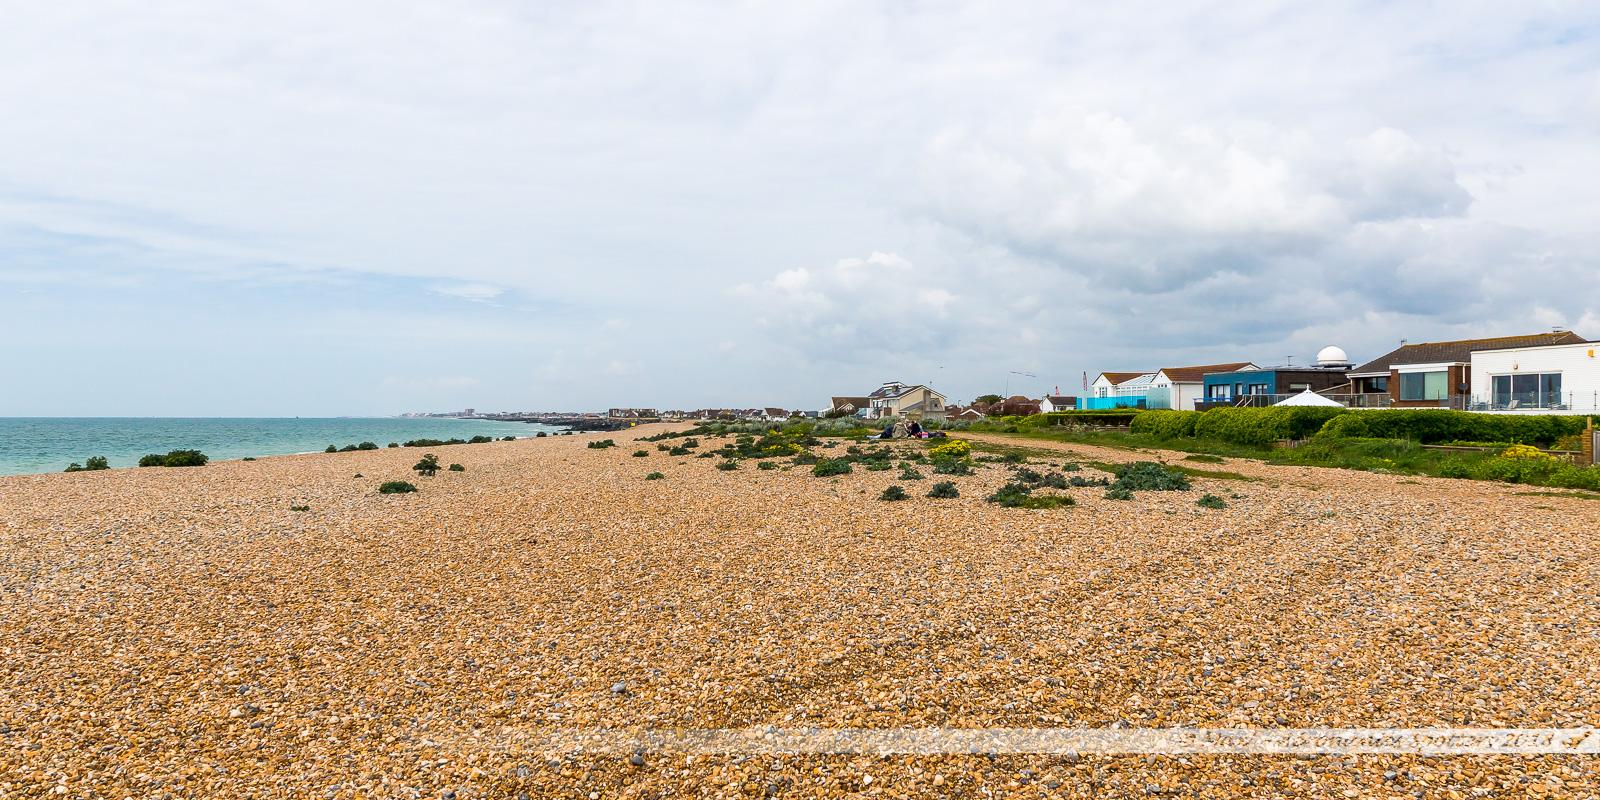 Plage de galets de Shoreham-on-the Sea